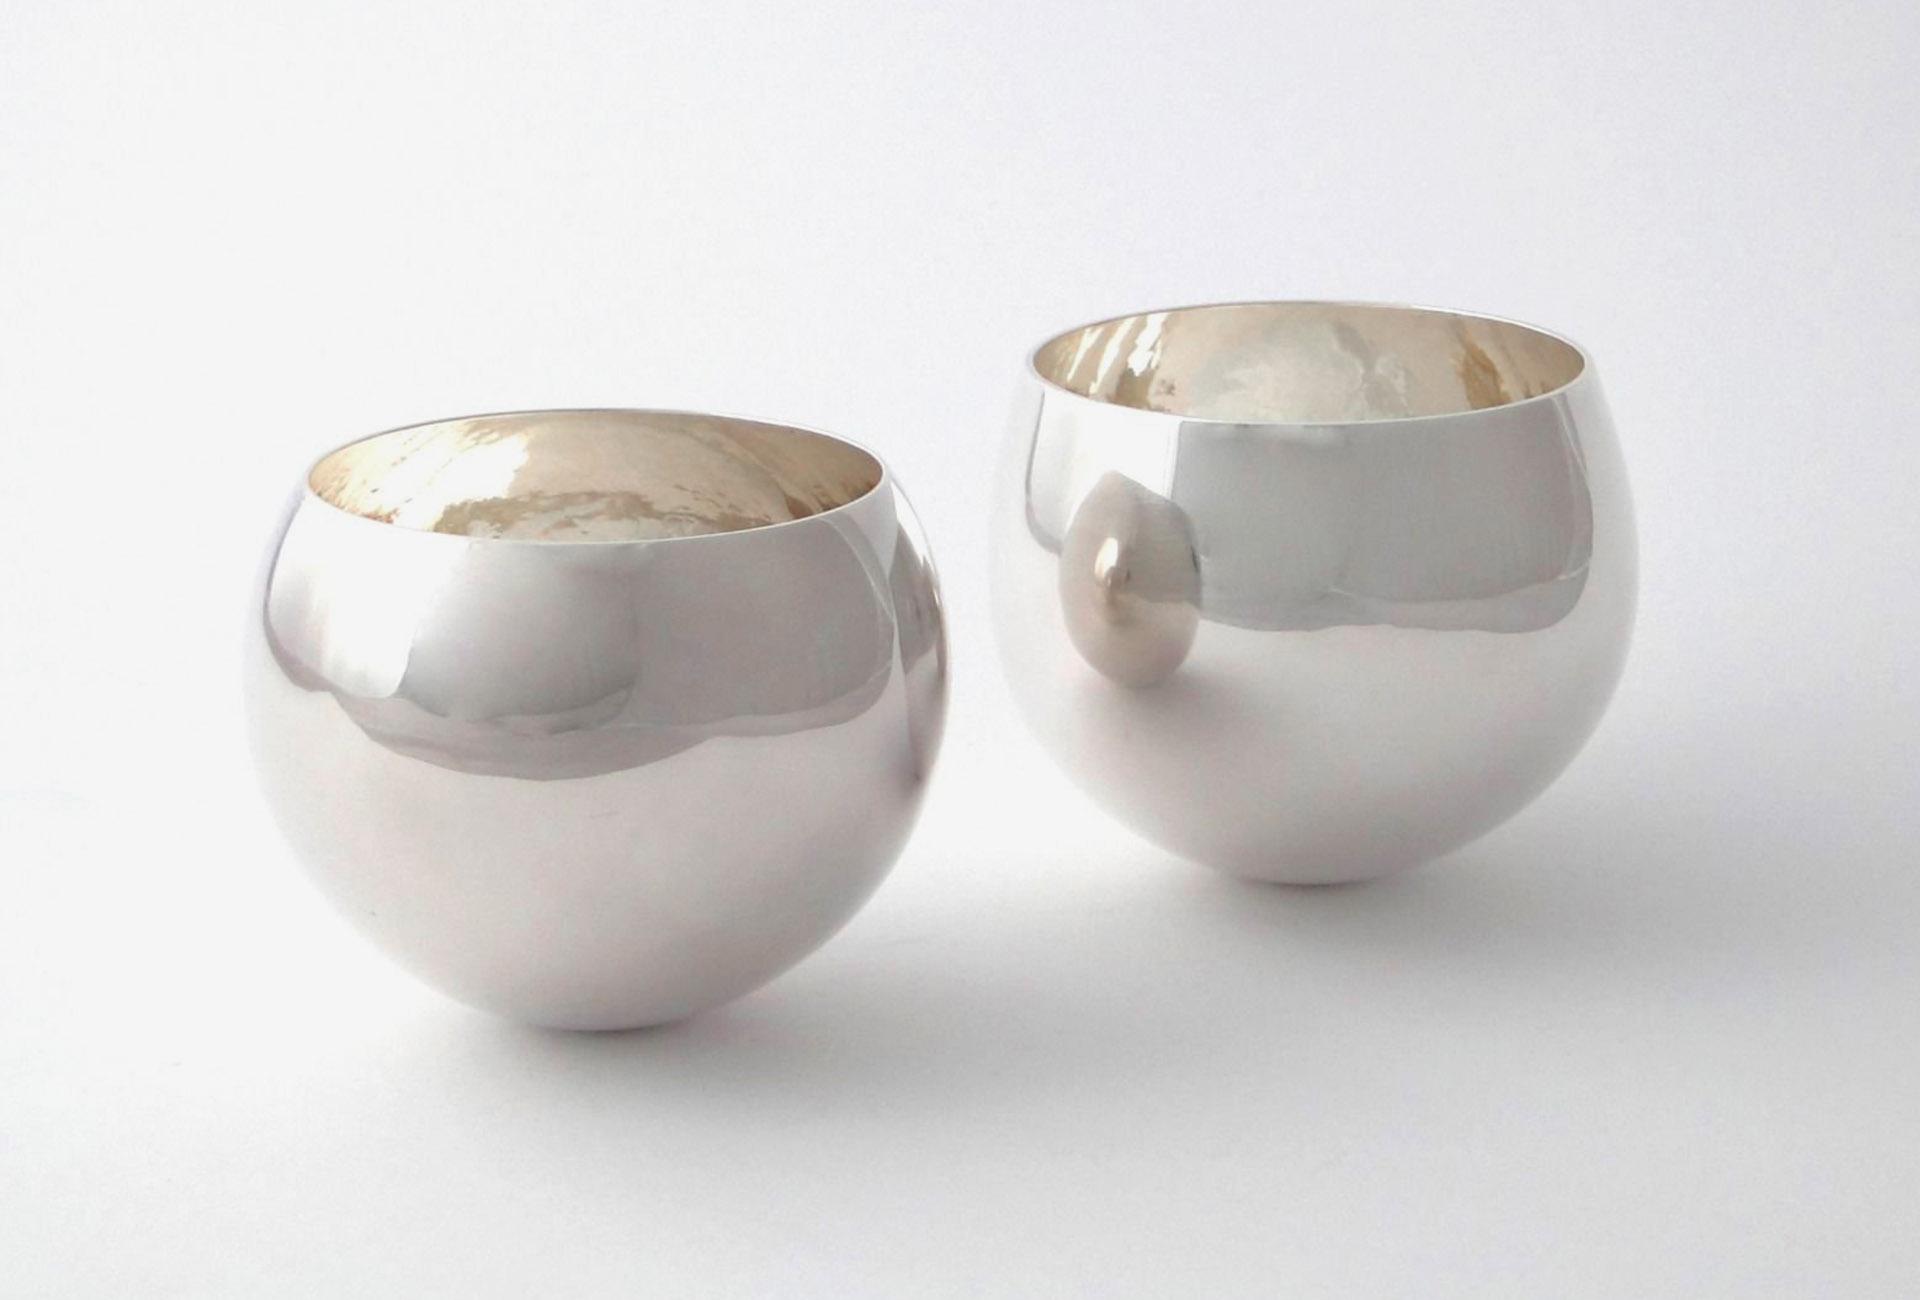 Heppach und Kloess, Silberarbeiten, Form Bodensee